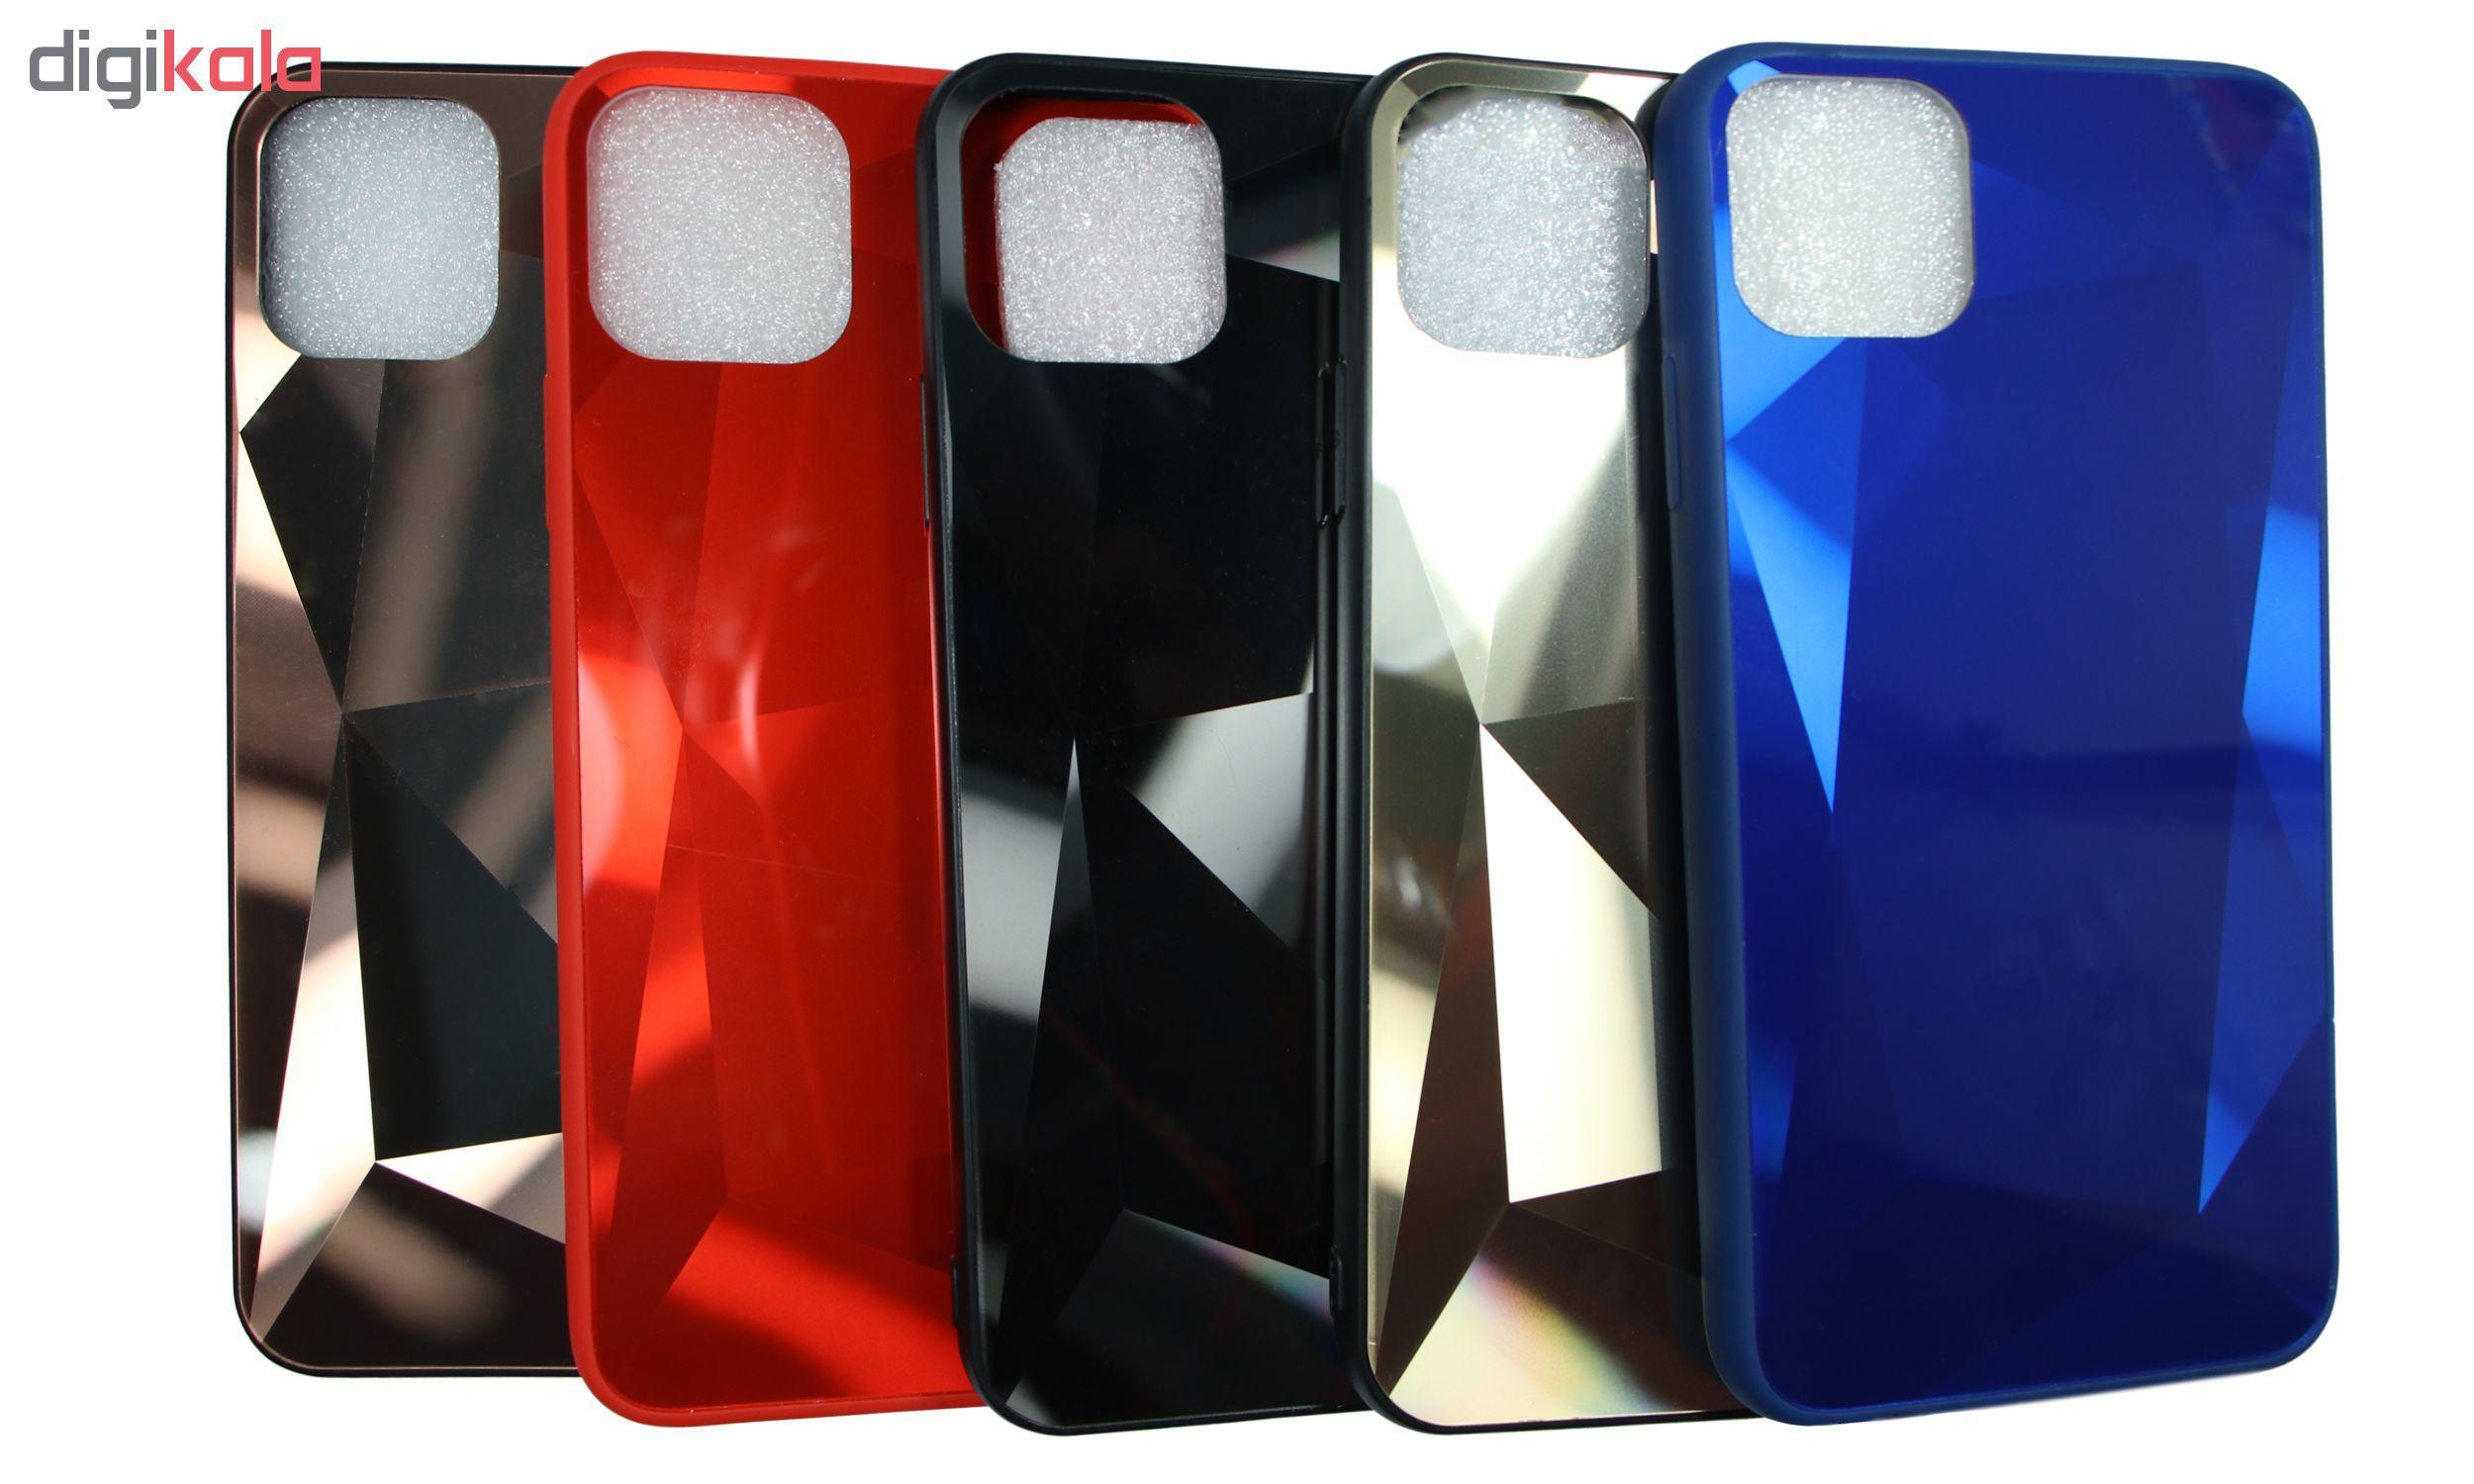 کاور مدل S18 مناسب برای گوشی موبایل اپل iphone 11 pro main 1 2